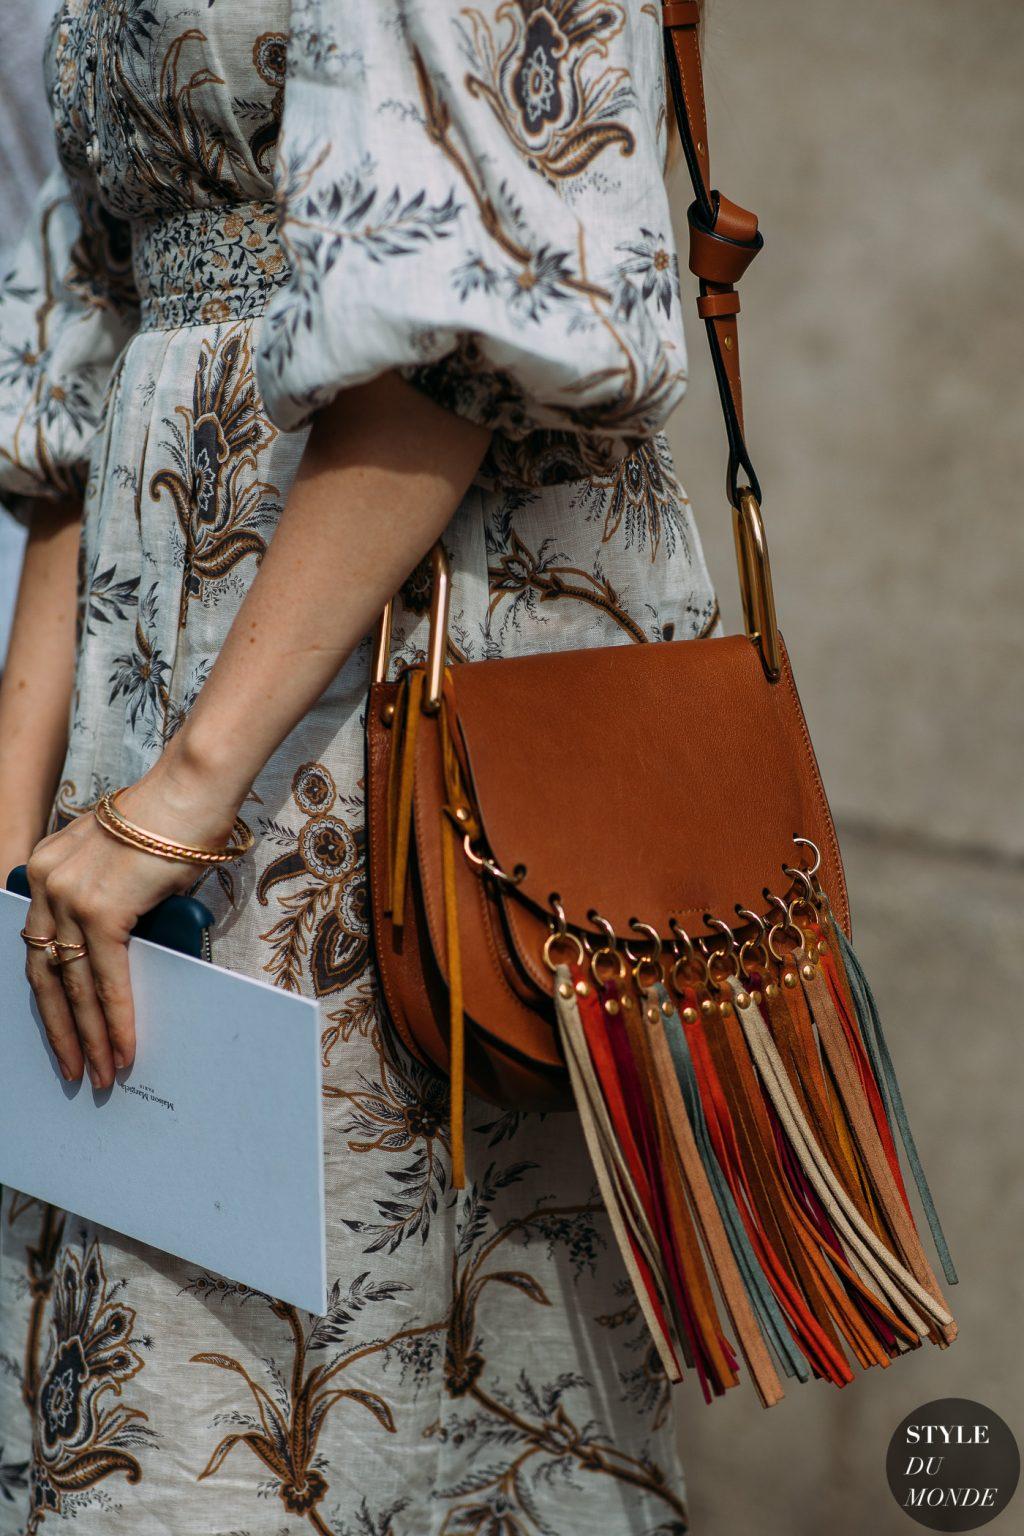 Người mẫu mặc váy hoa mang túi xách da màu nâu